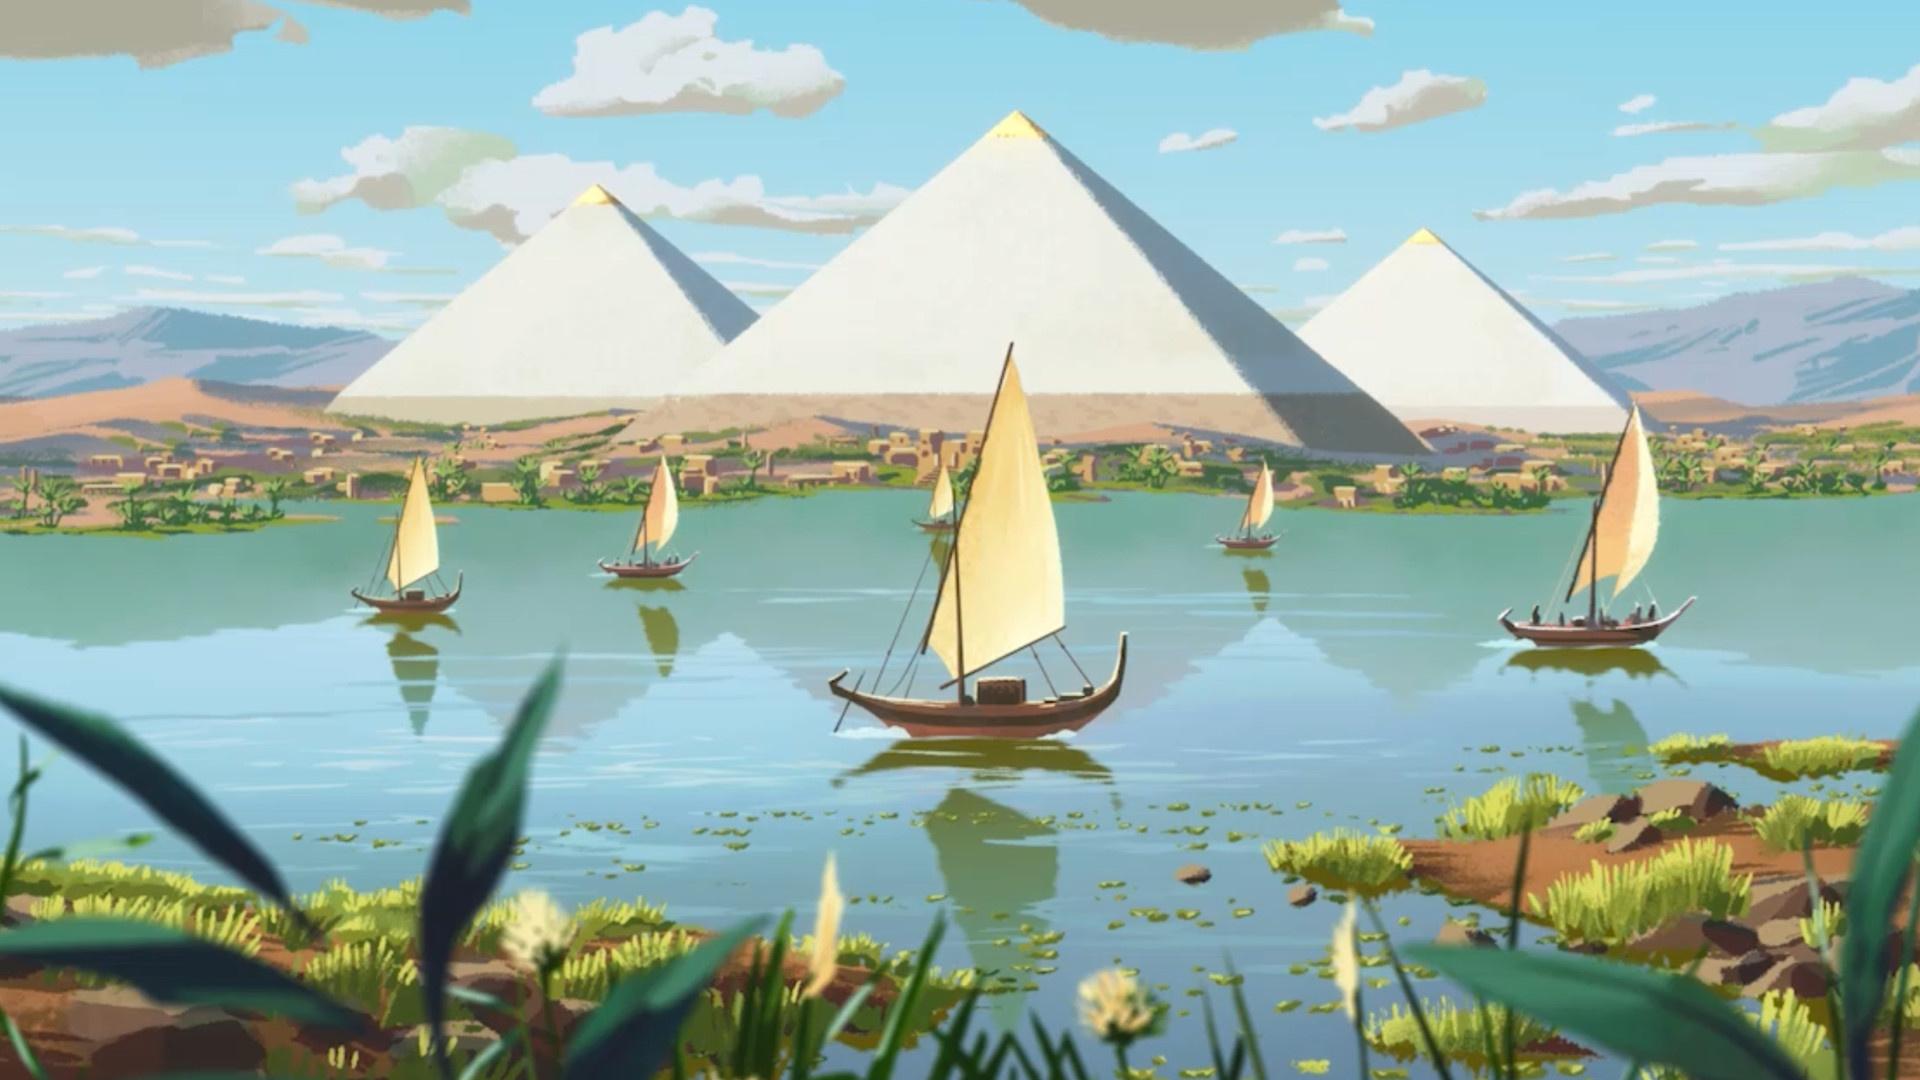 Ремейк градостроительного симулятора Pharaoh выйдет в 2021 году